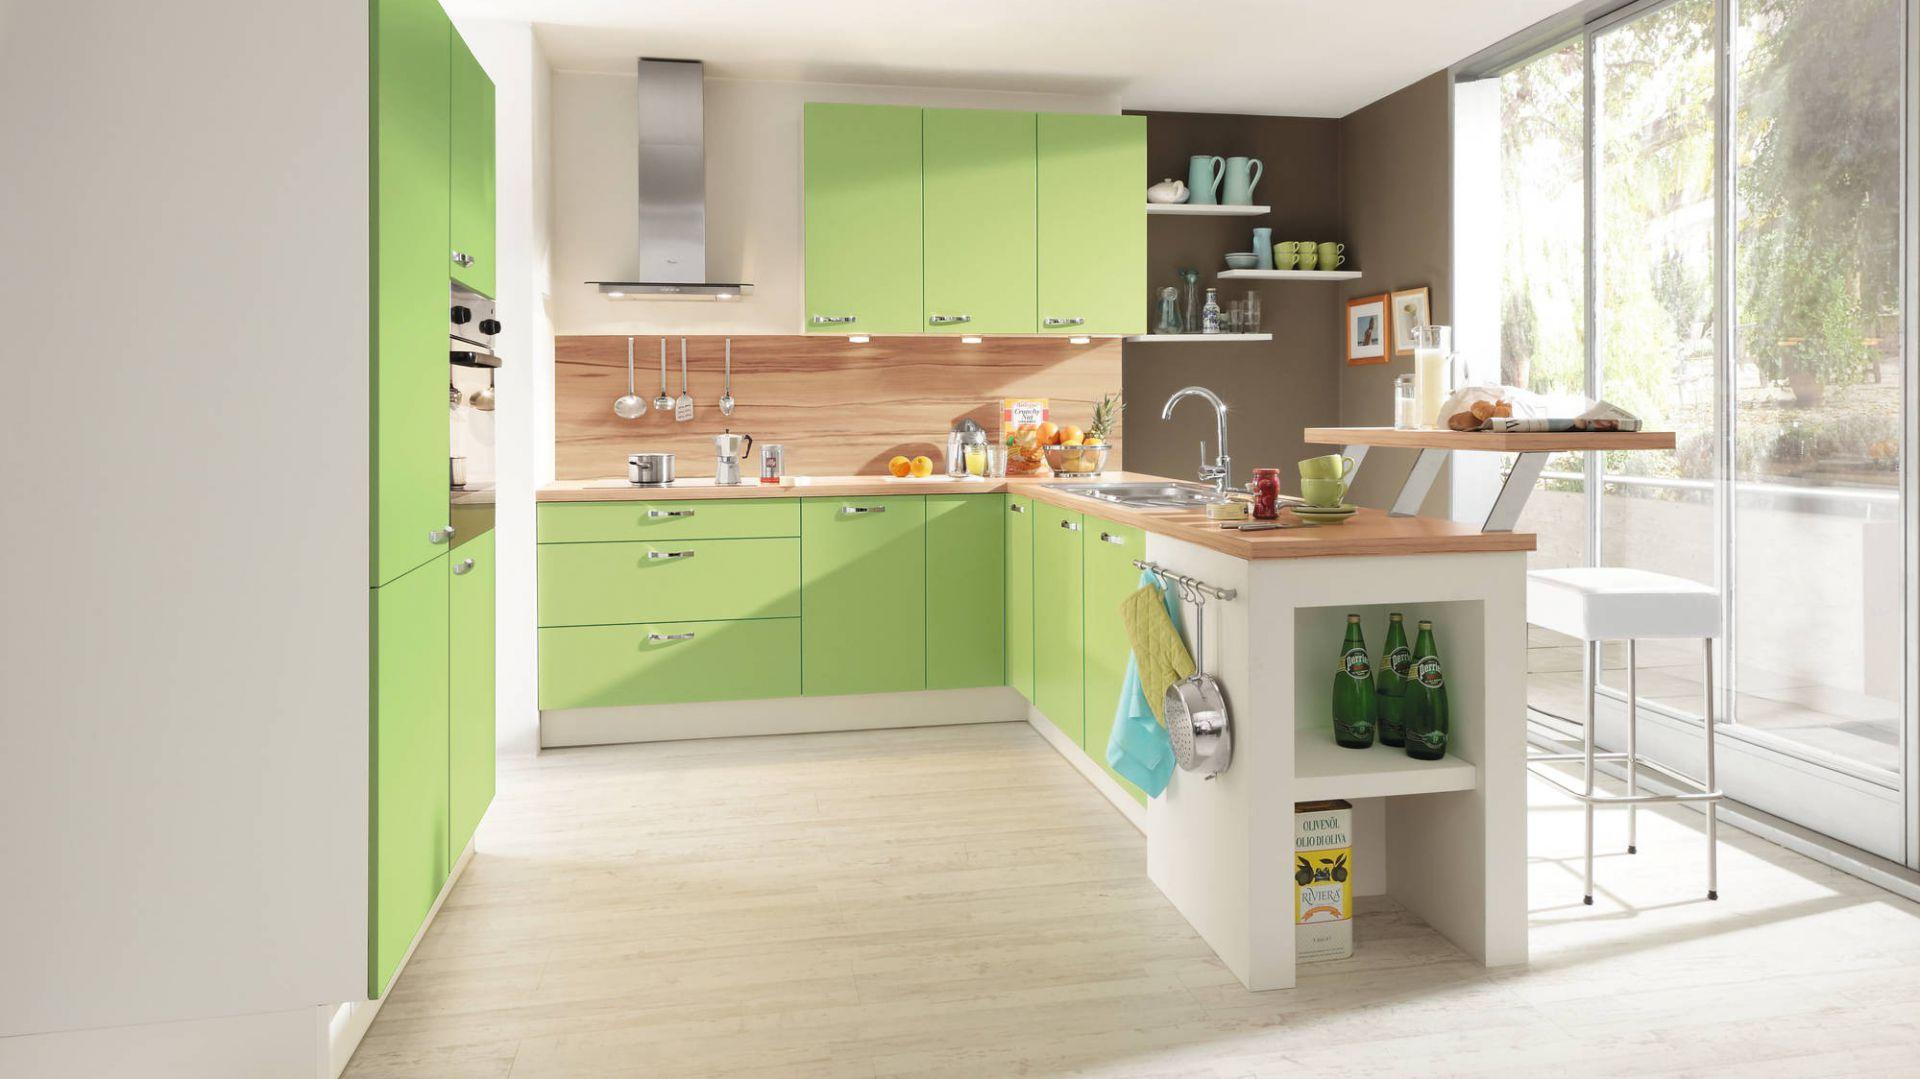 Meble kuchenne z programu 15 pomysłów na zieloną   -> Kuchnia Zielone Kafelki